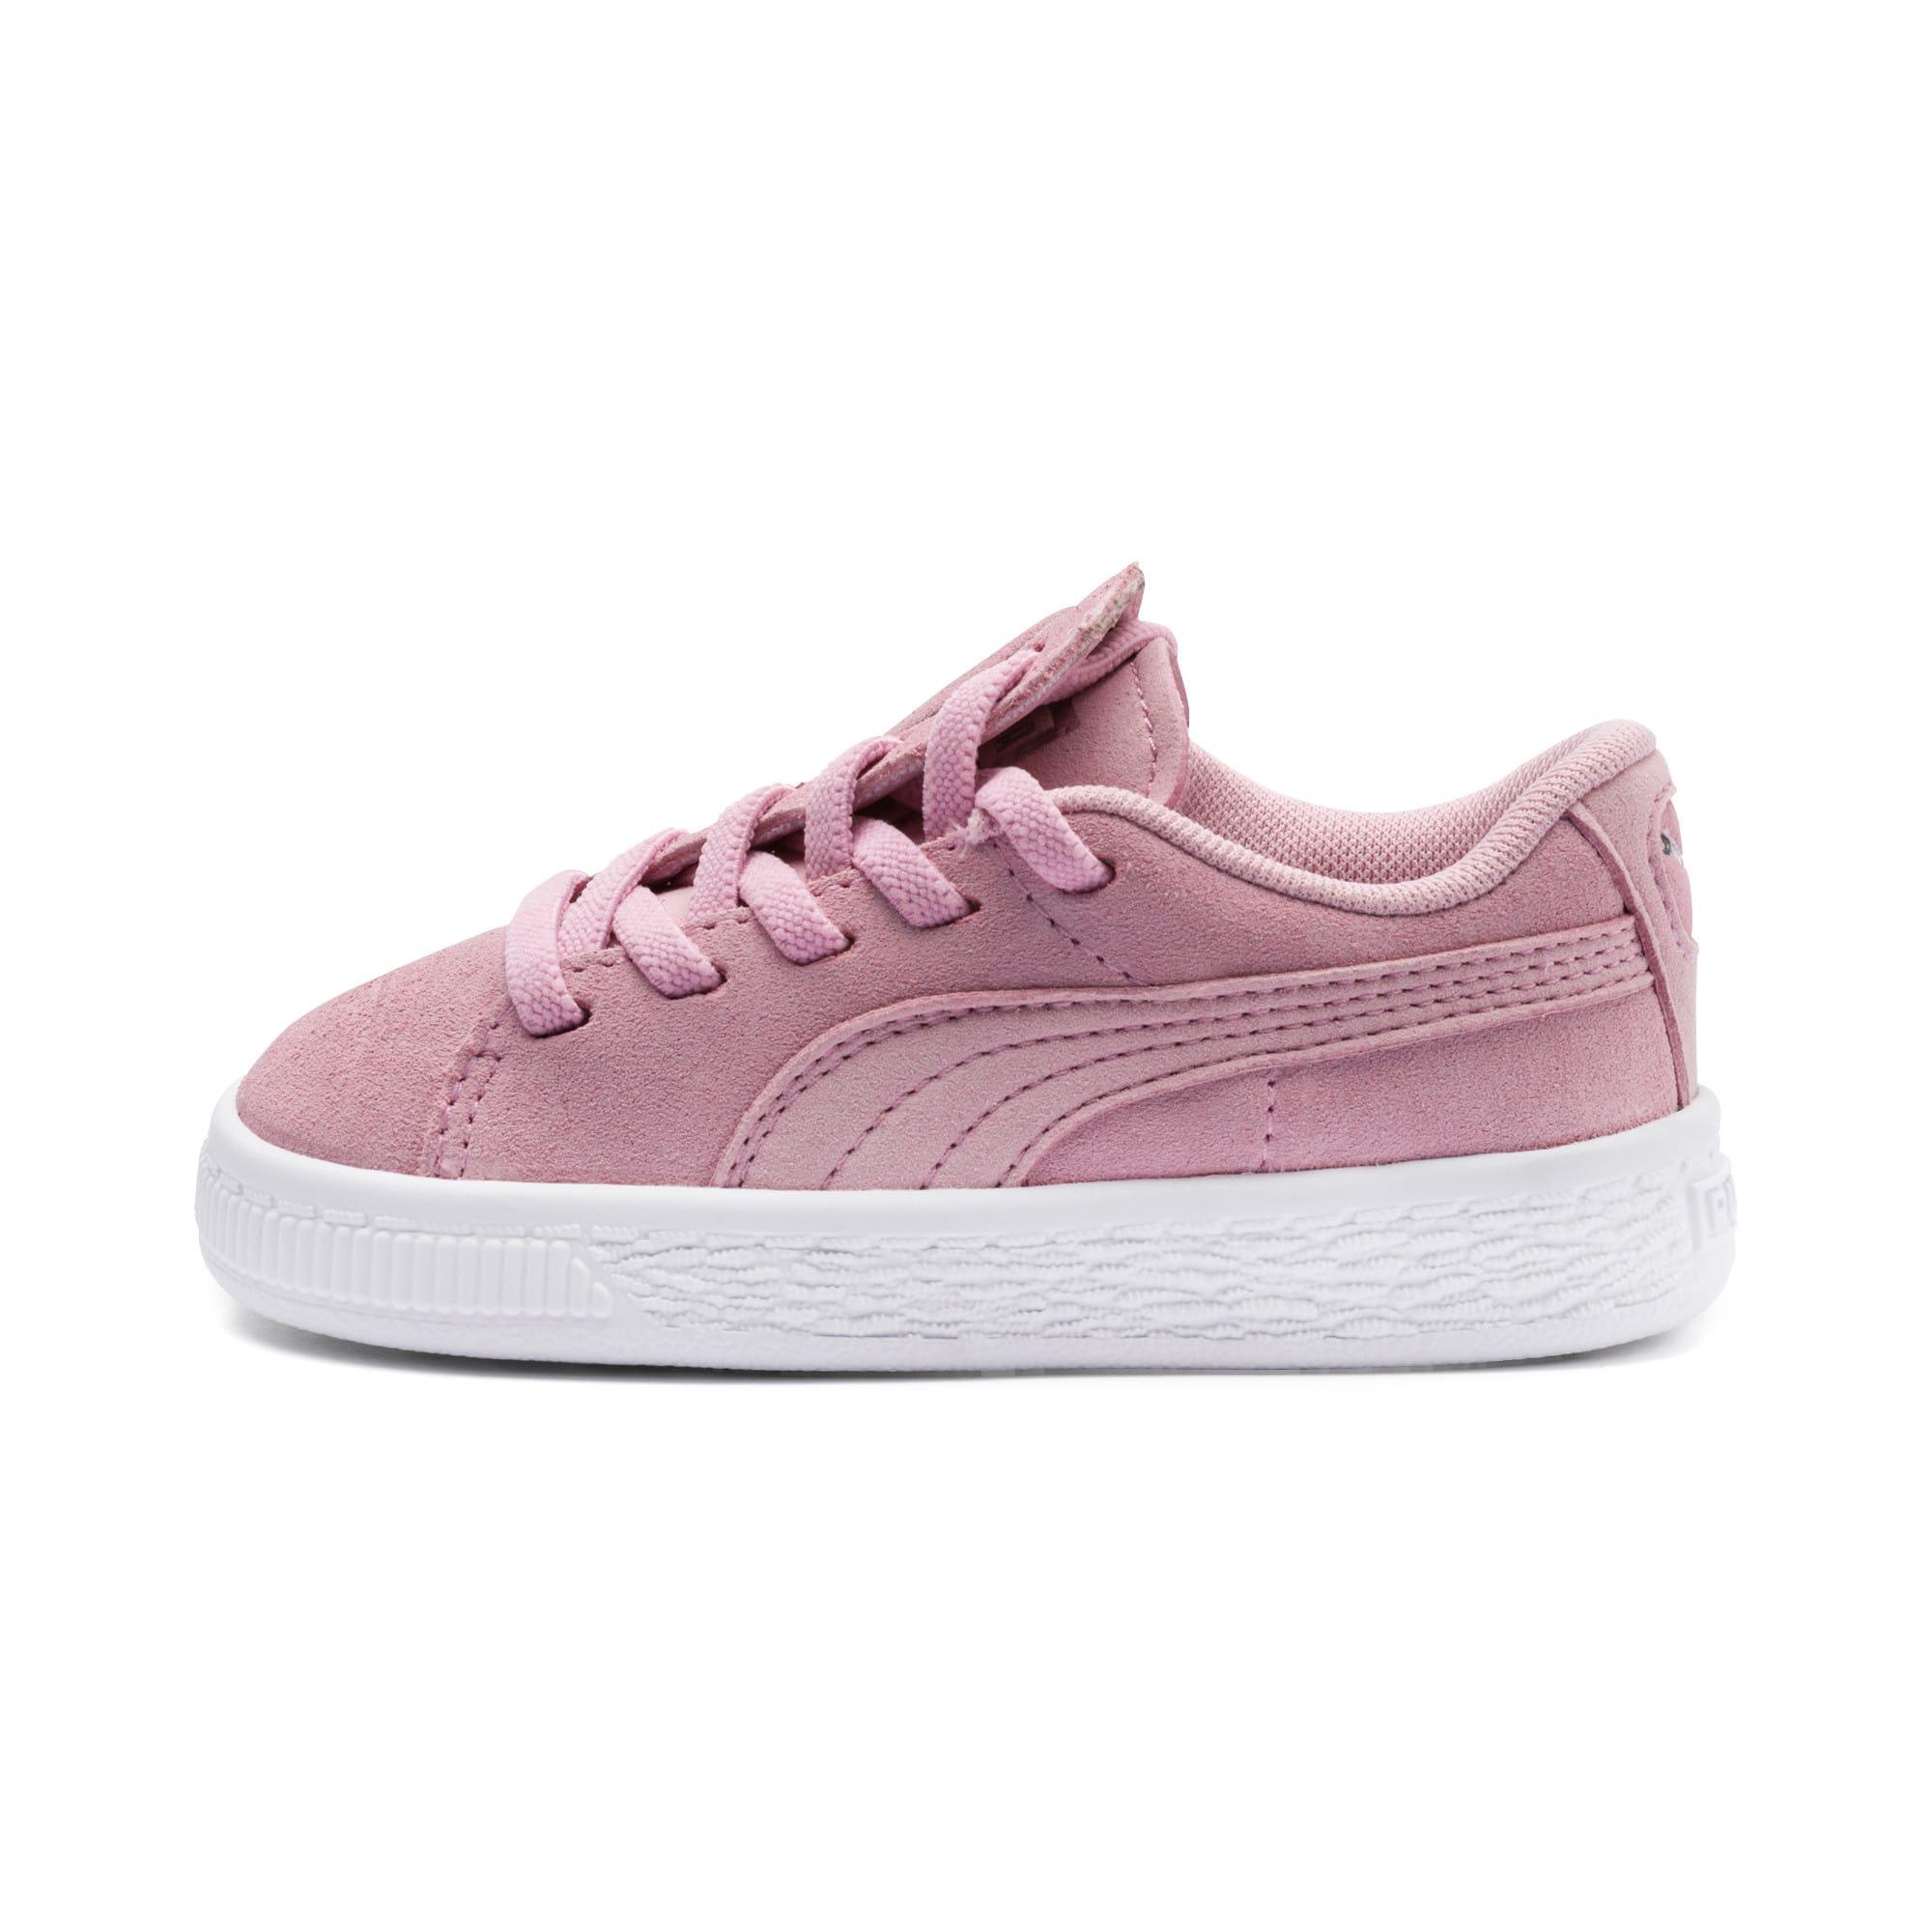 Miniatura 1 de Zapatos Suede Crush AC para niños pequeños, Pale Pink-Puma Silver, mediano